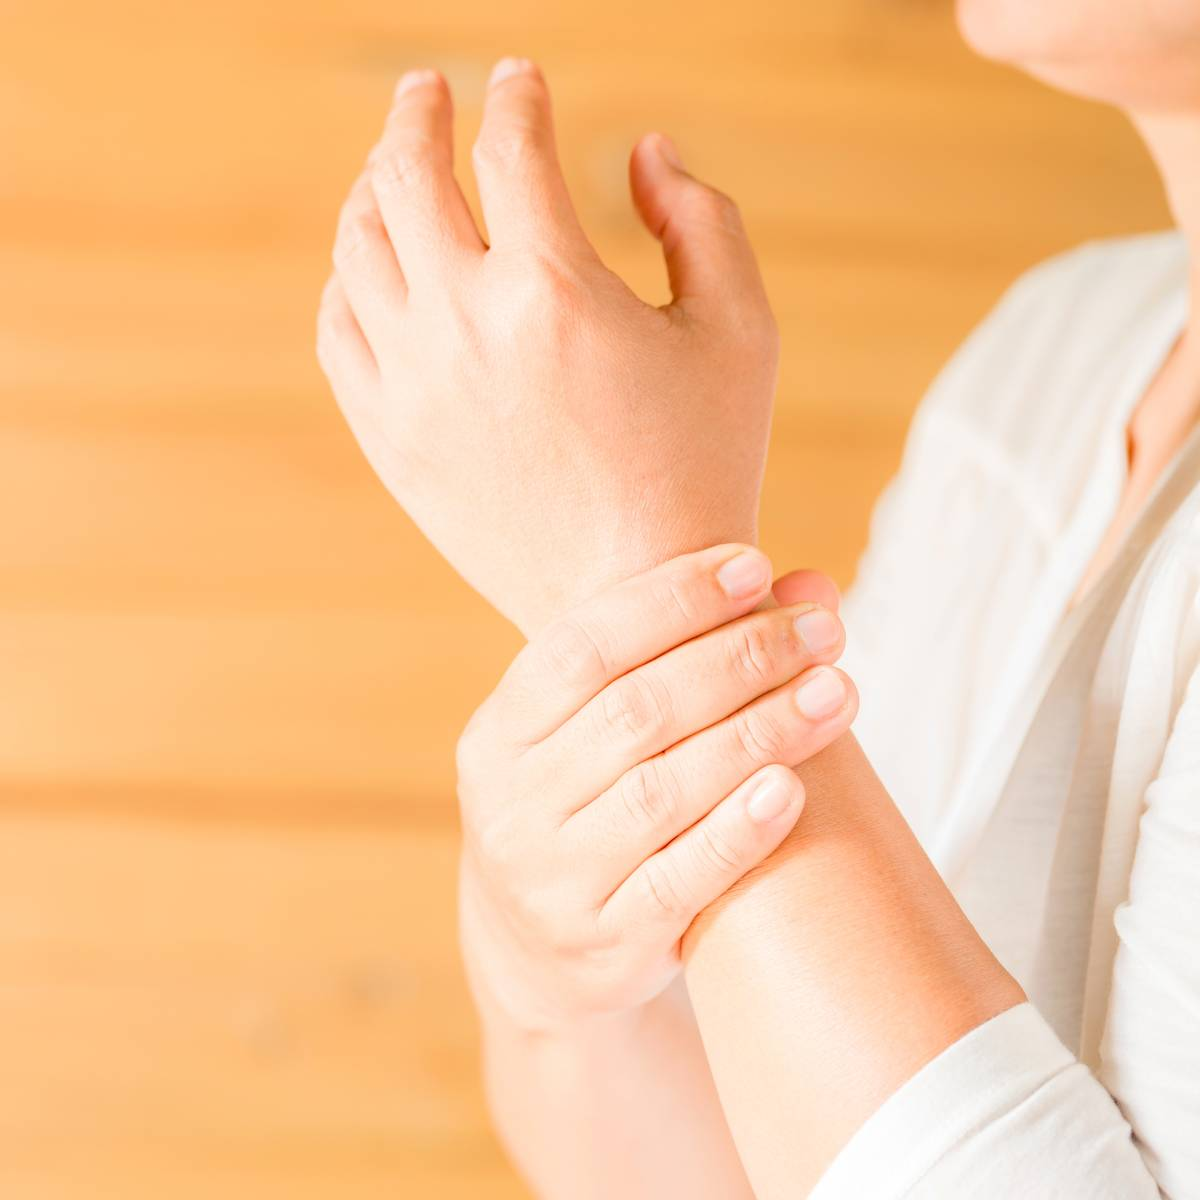 La chirurgie peut éviter la récidive d'un kyste synovial au poignet